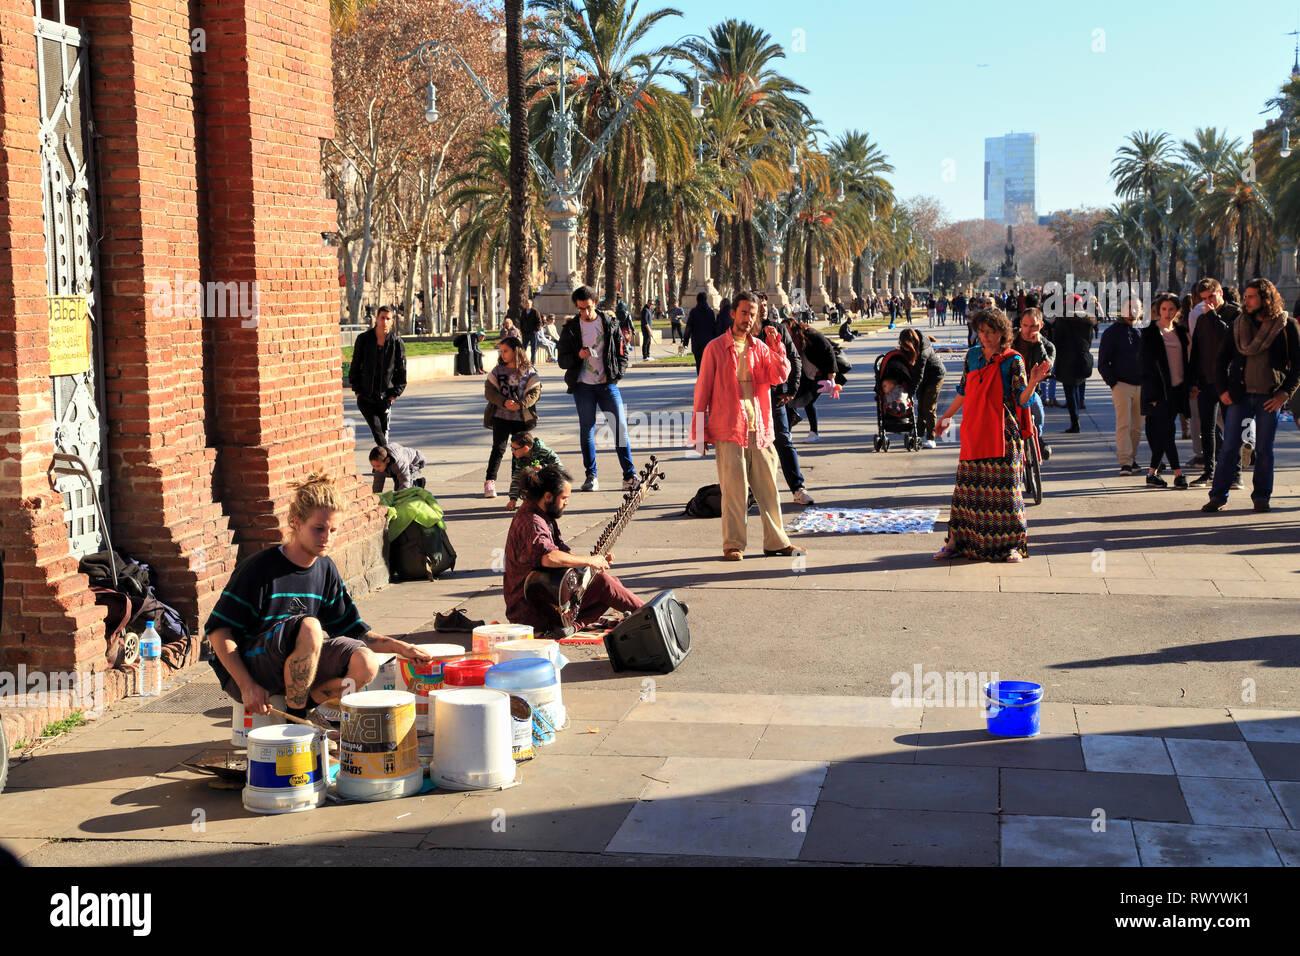 Street musicians under the Arc de Triomf, Passeig de Lluís Companys, Parc de la Ciutadella, Barcelona - Stock Image